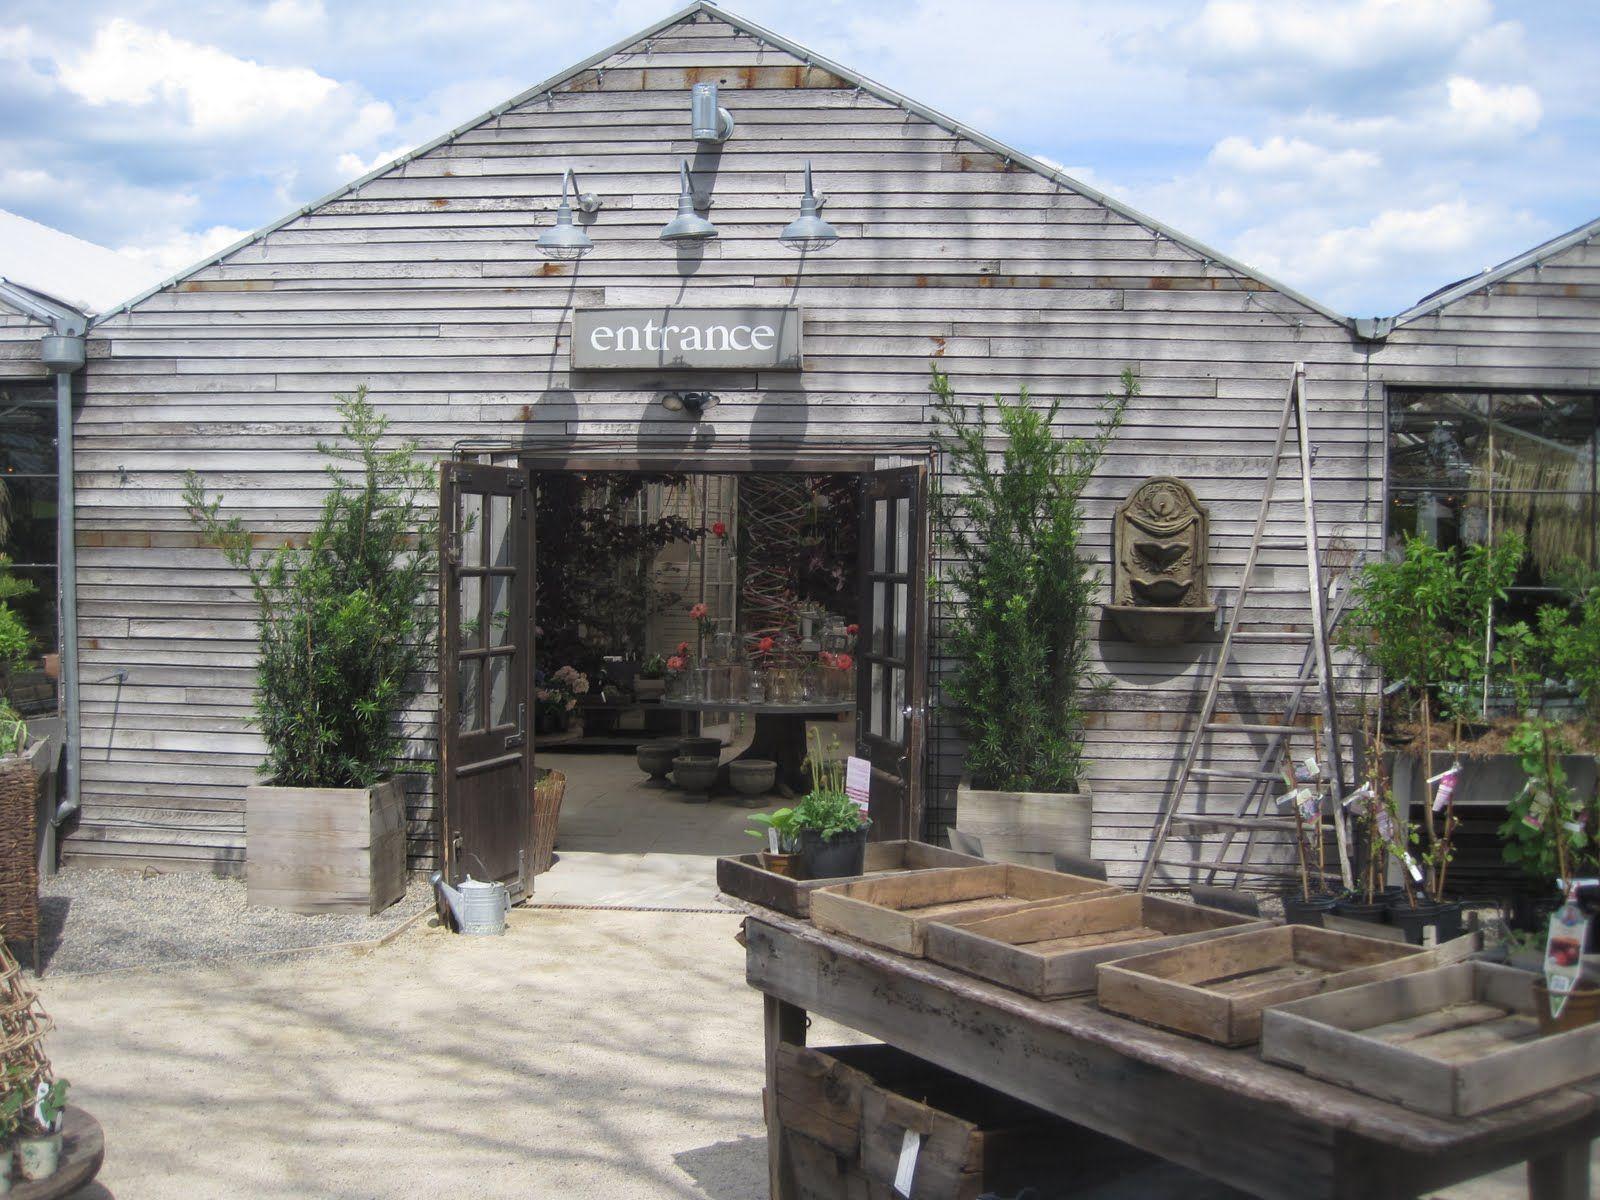 Pretty Greenhouse Design Html on pretty wildlife, pretty barn, pretty water, pretty spring, pretty lawn, pretty green, pretty forest, pretty roses, pretty porch, pretty house, pretty church, pretty shed,